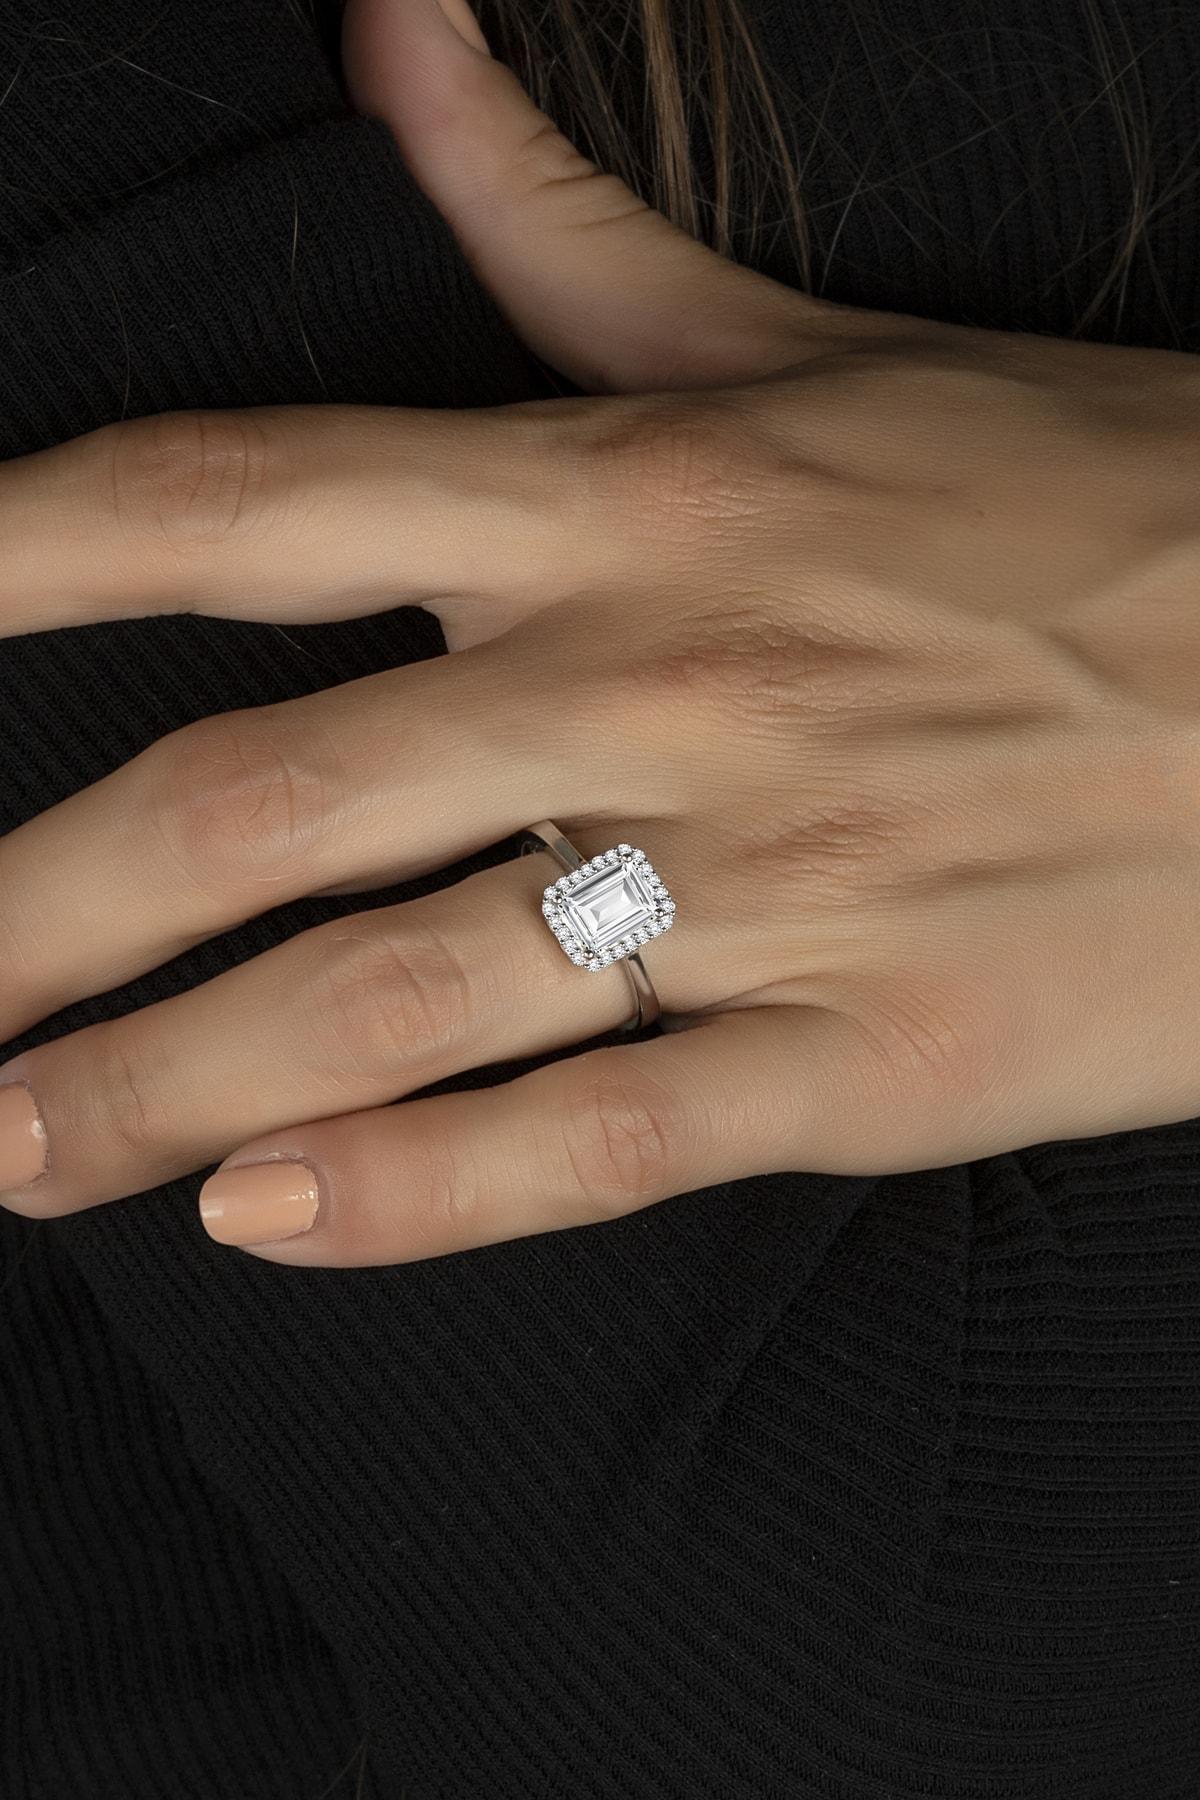 Else Silver Baget Taşlı Özel Tasarım Tek Taş Gümüş Bayan Yüzüğü 1